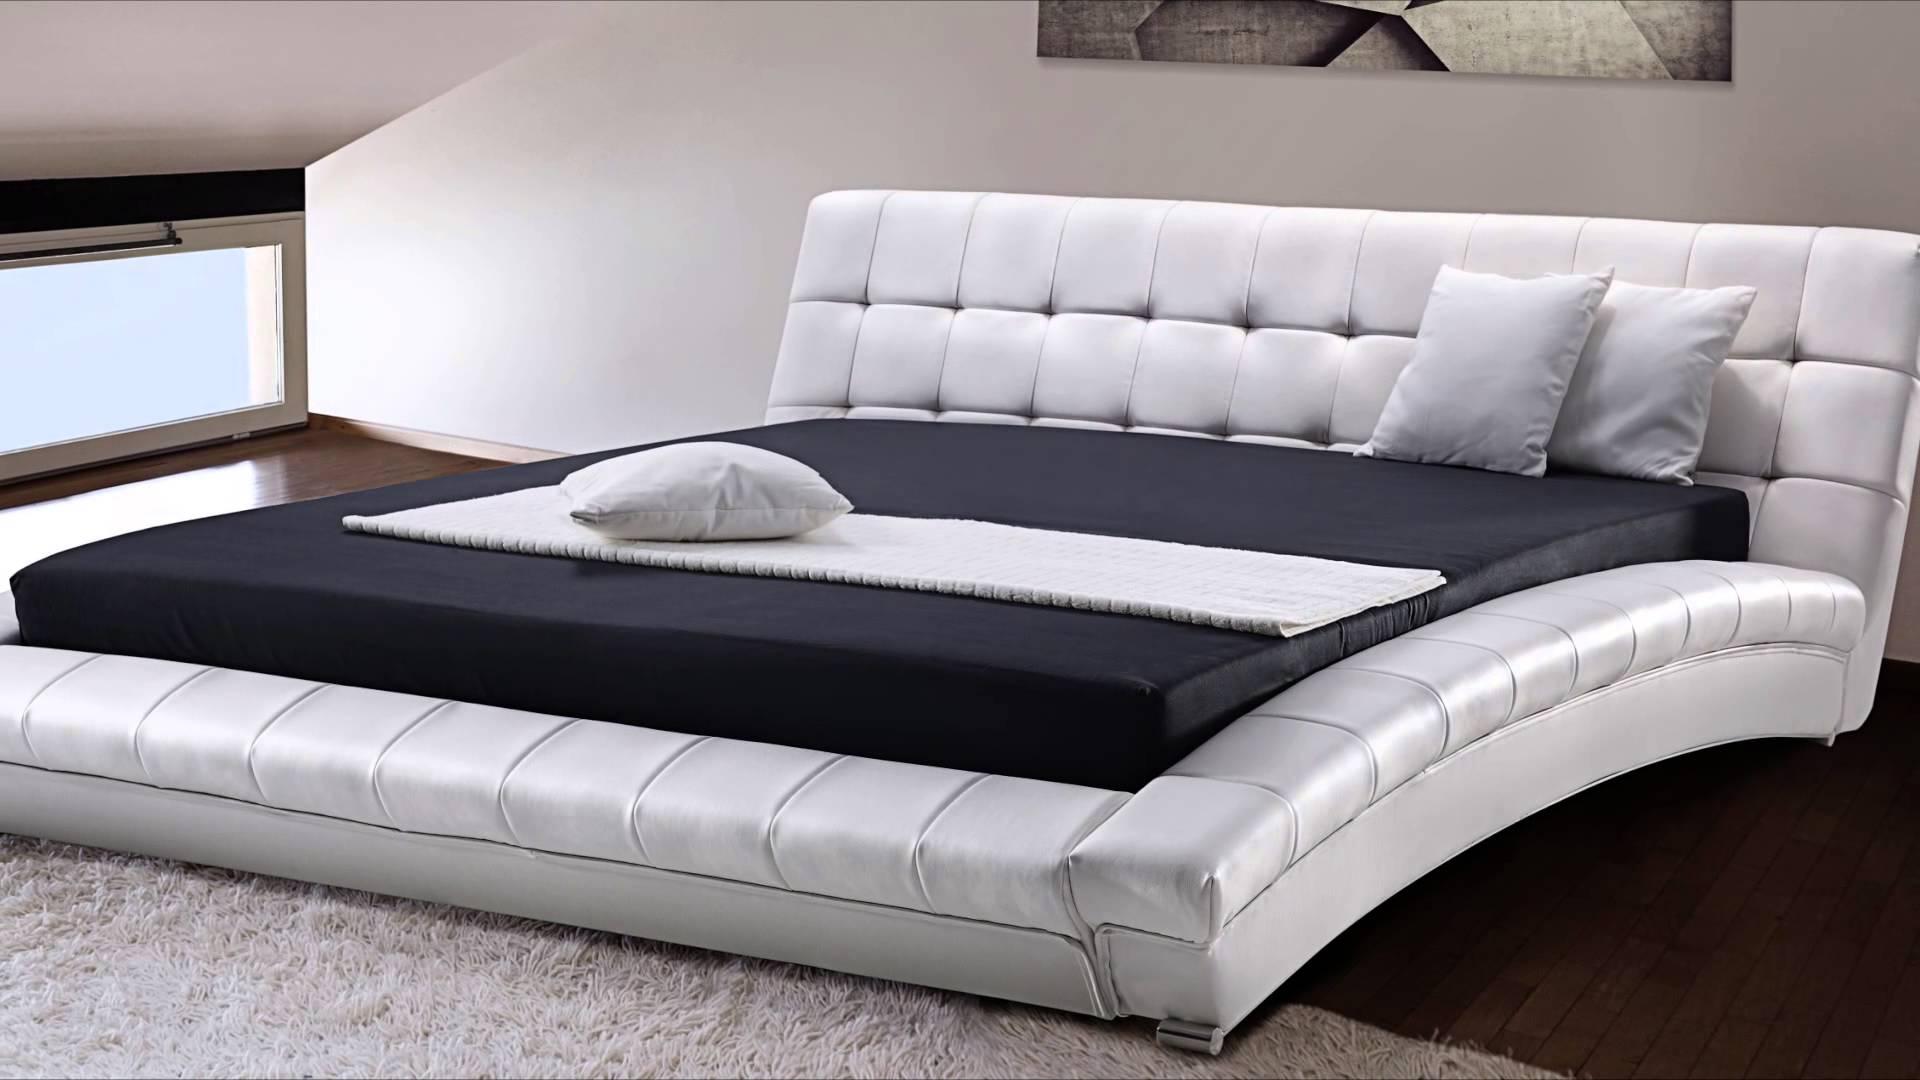 Как правило, в больших кроватях присутствуют прочные и надежные основания